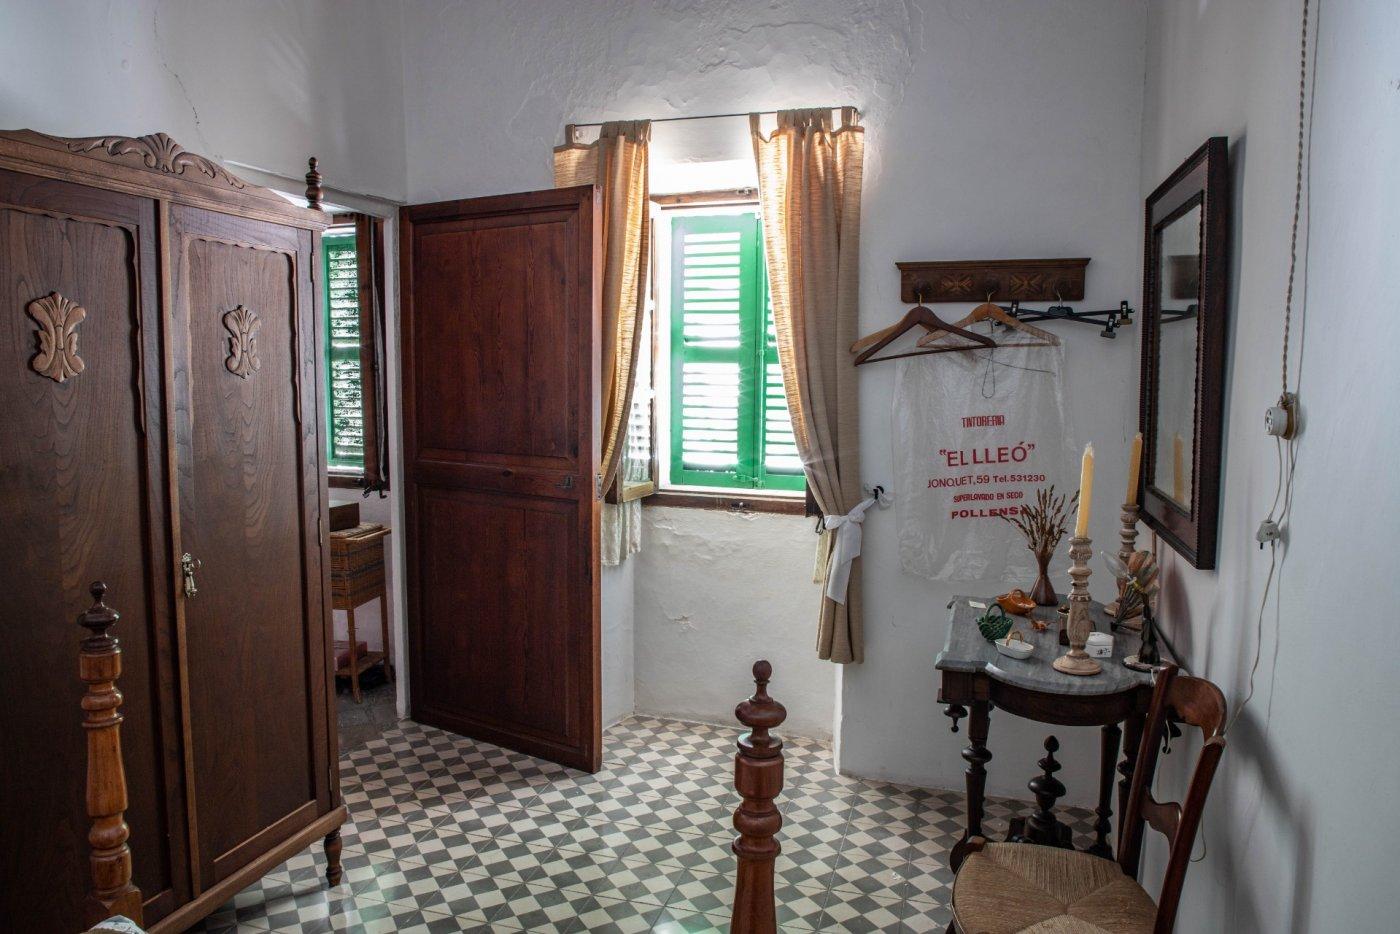 En venta excelente casa en el centro de pollensa - imagenInmueble8